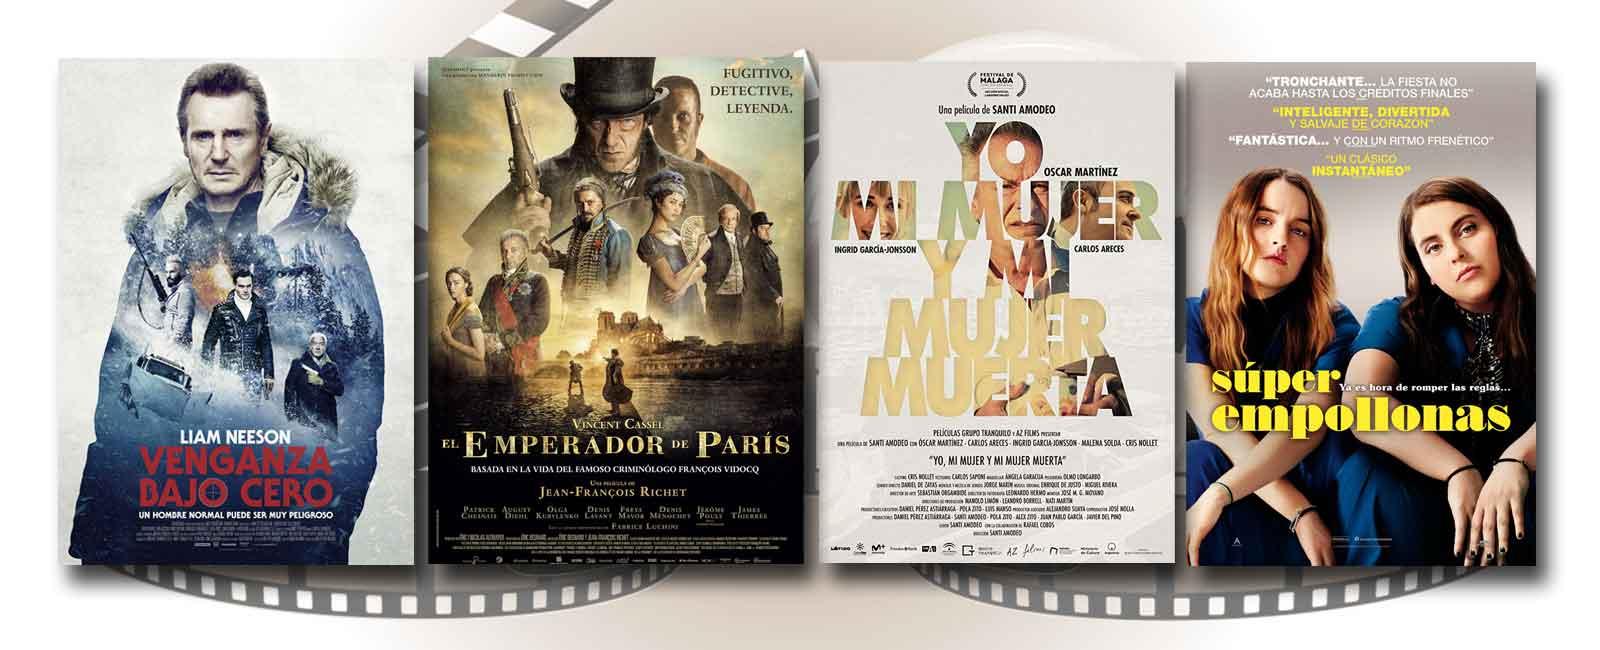 Estrenos de Cine de la Semana… 26 de Julio 2019